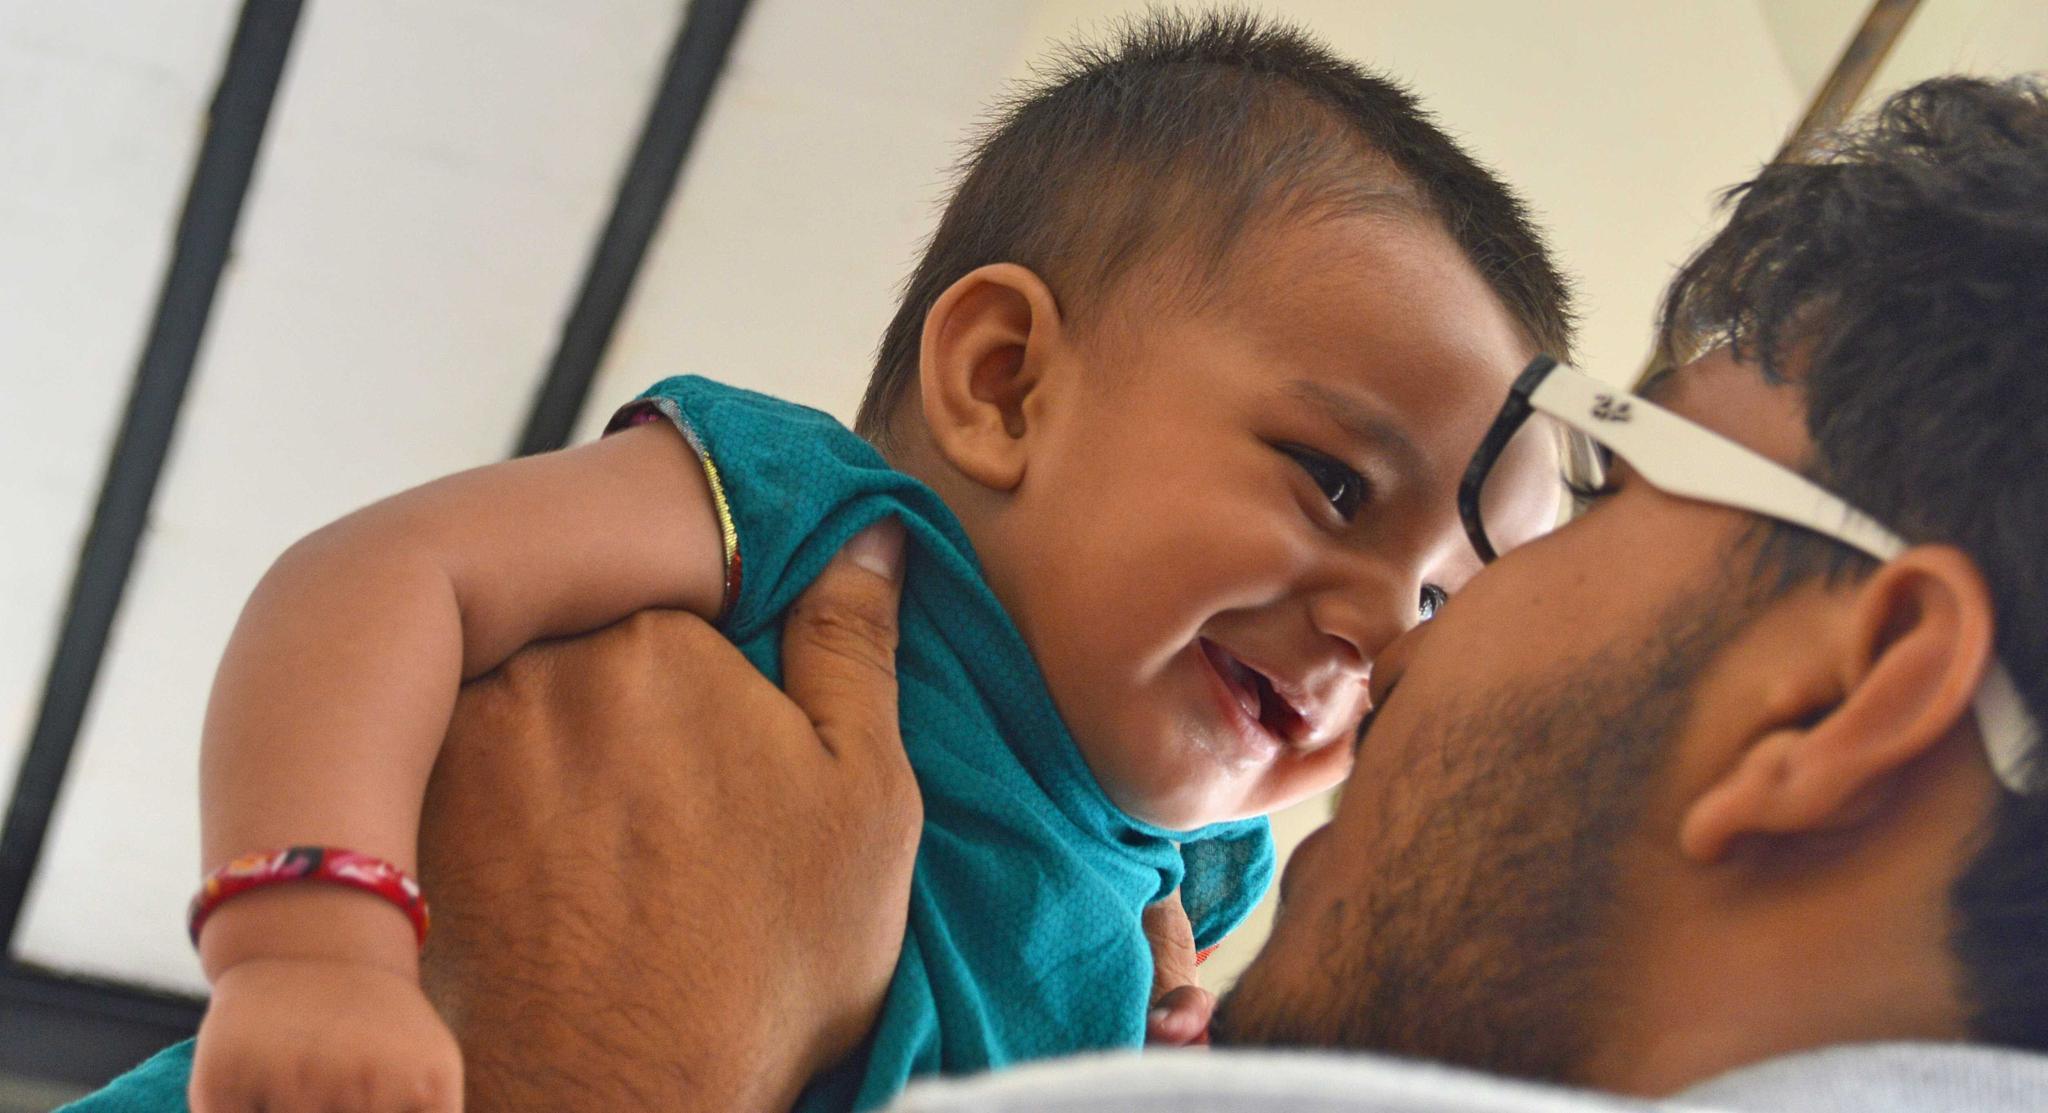 Baby by Muhammad Usman Ashfaq